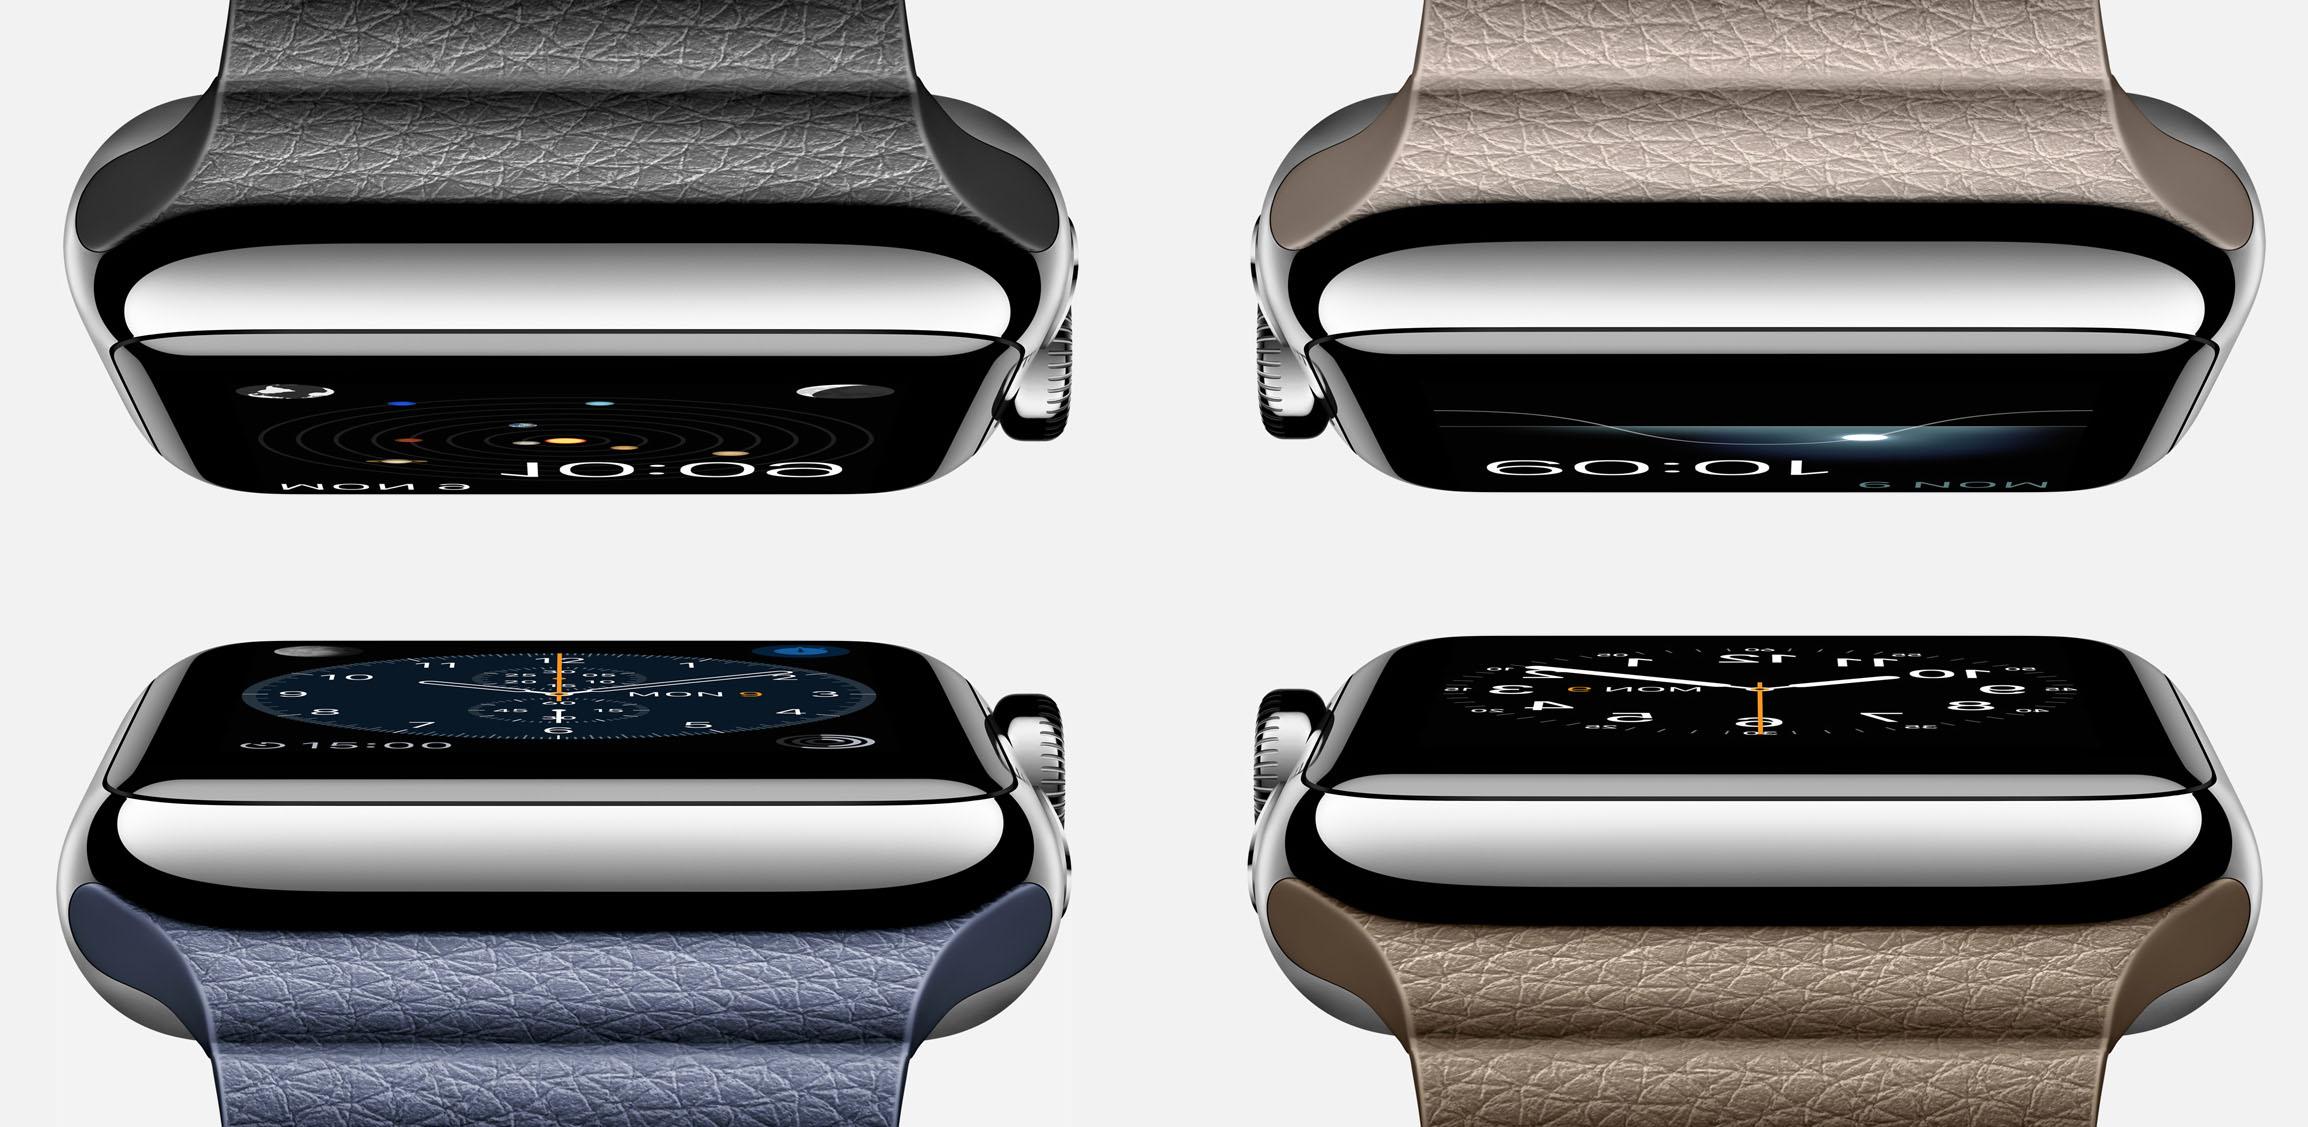 Apple Watch с кожаным фактурным ремешком